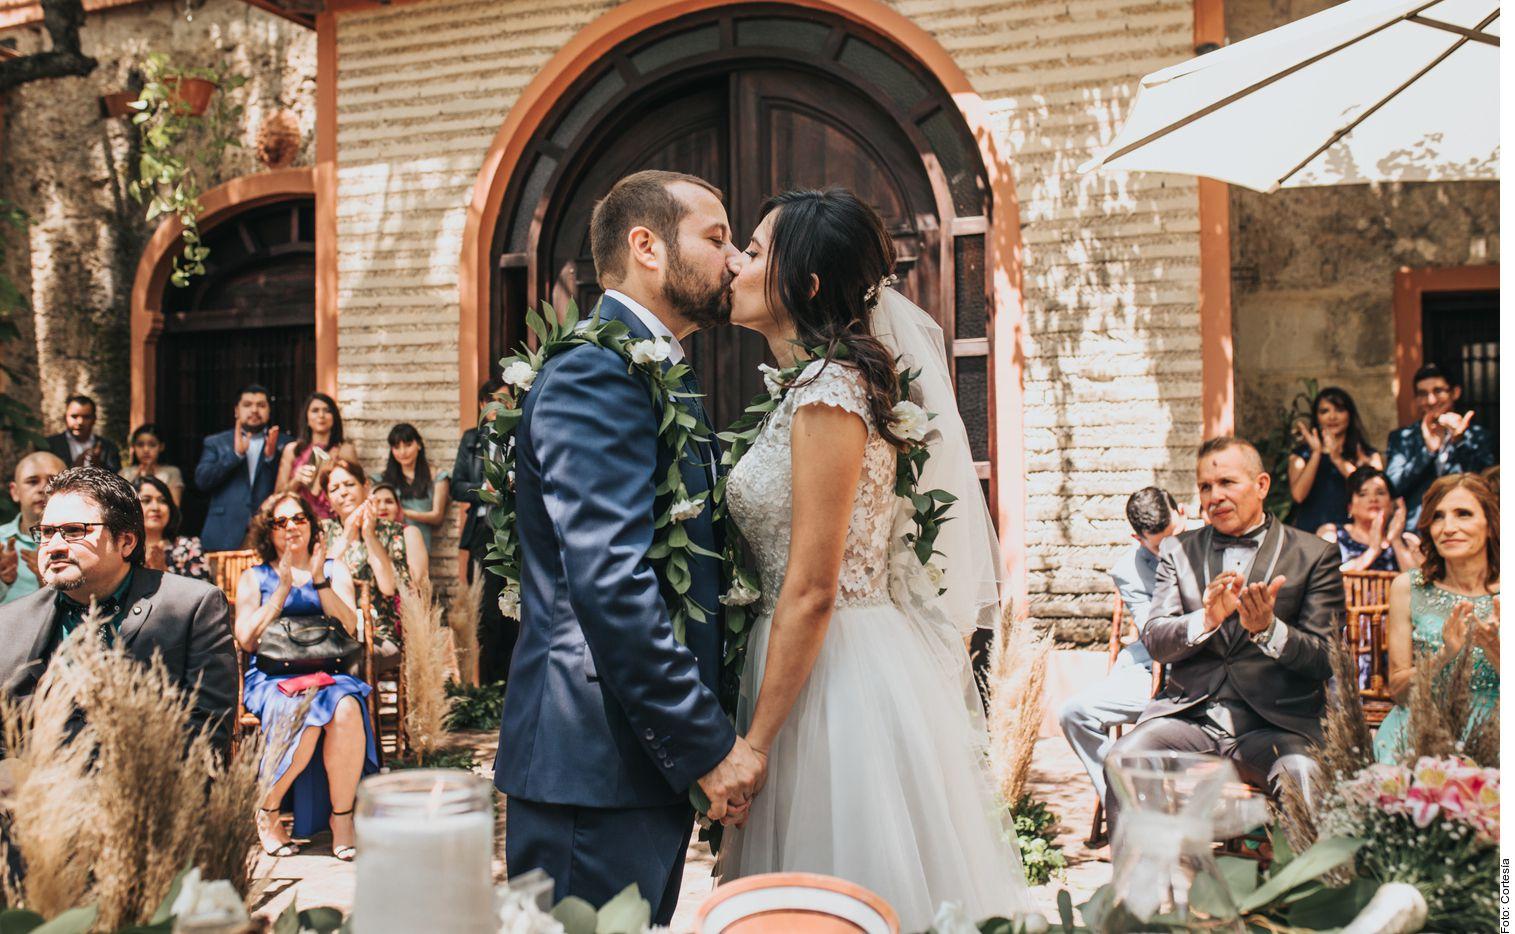 """A la hora de decir """"sí, acepto"""" a la unión matrimonial, algunas parejas también declaran su amor y compromiso por la Tierra."""